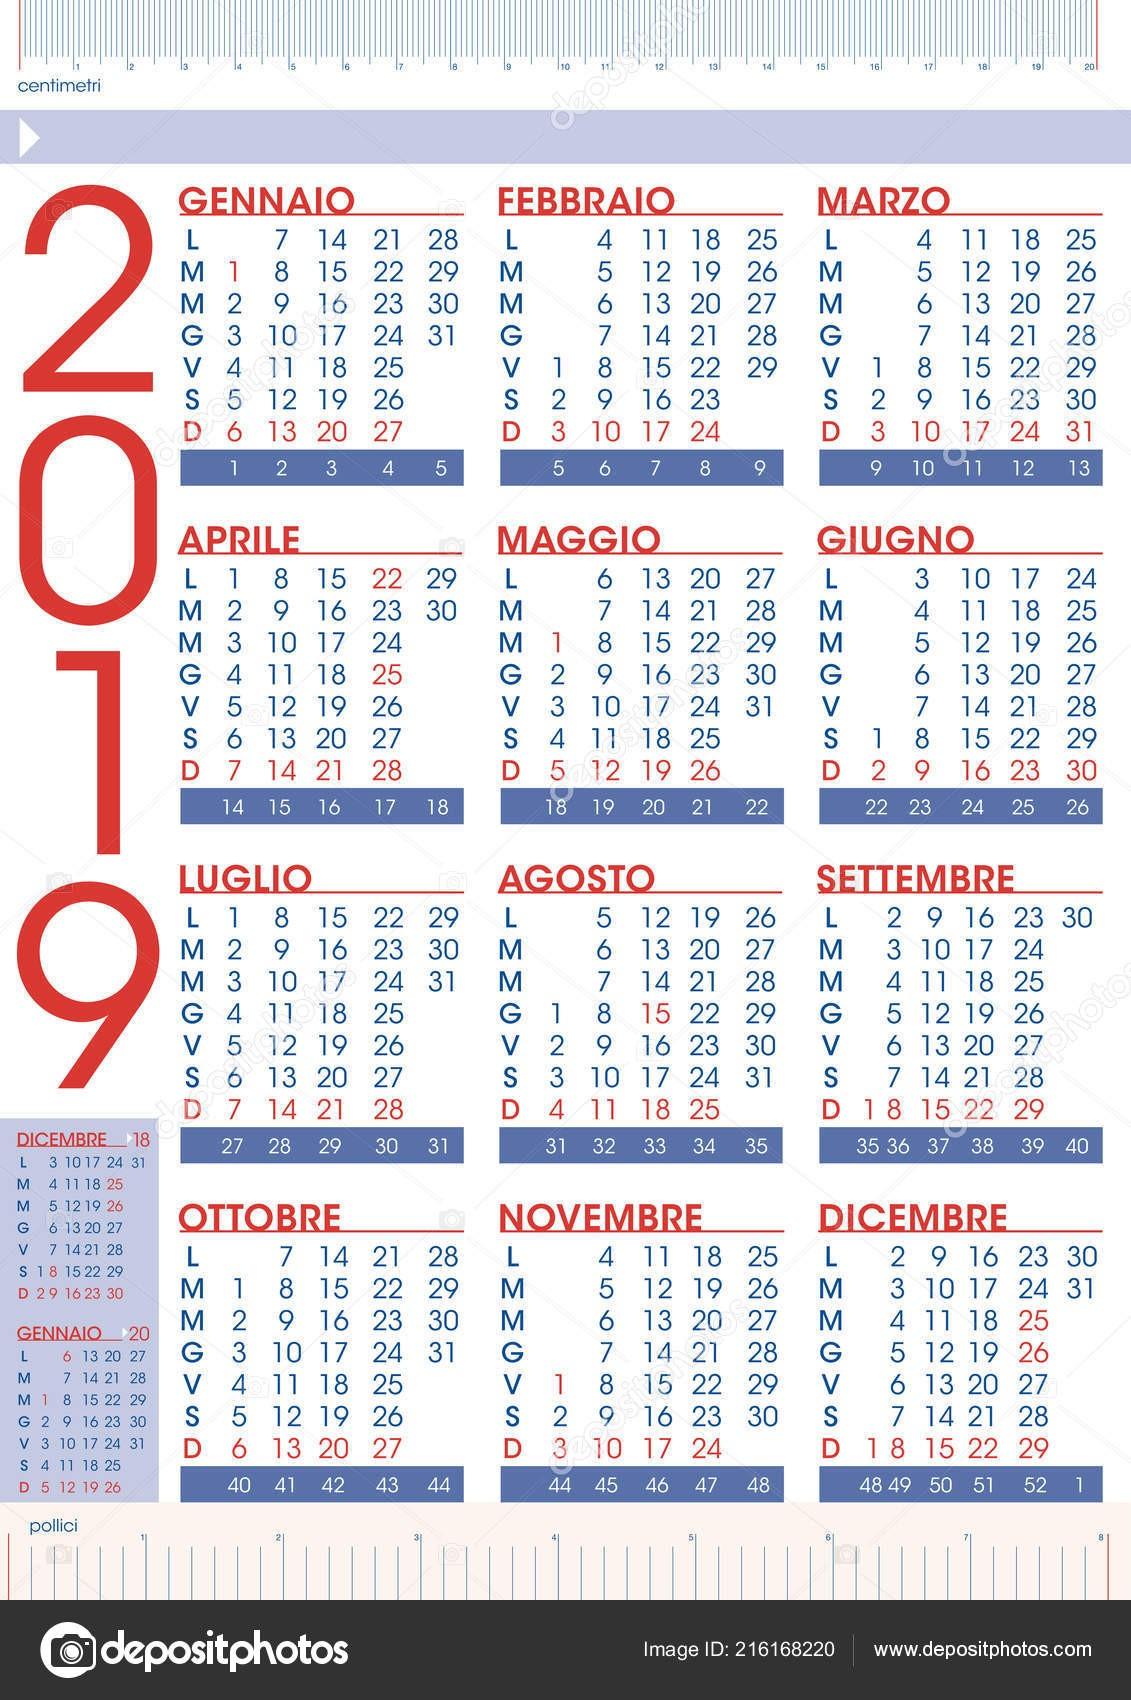 Obchodn pravidla 2019 kalendář v italském jazyce státn svátky a počet t½dnů — Vektor od graphicjet